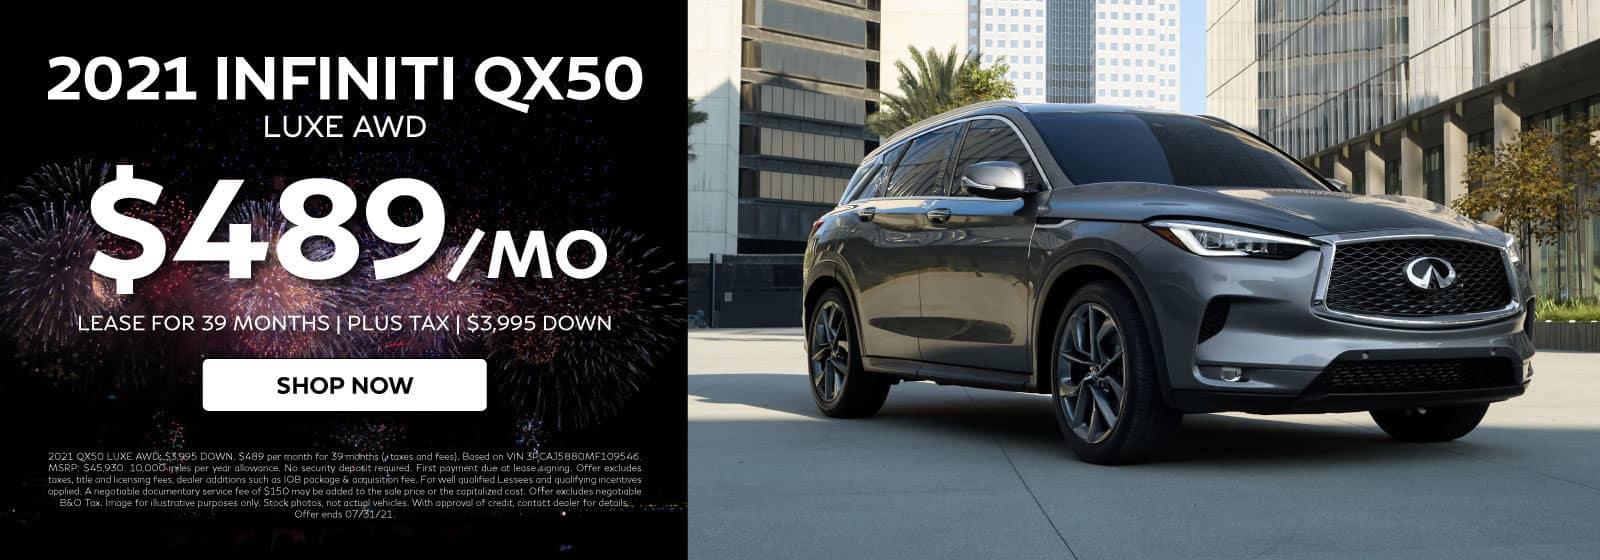 2021QX50LUXE-$489/MO